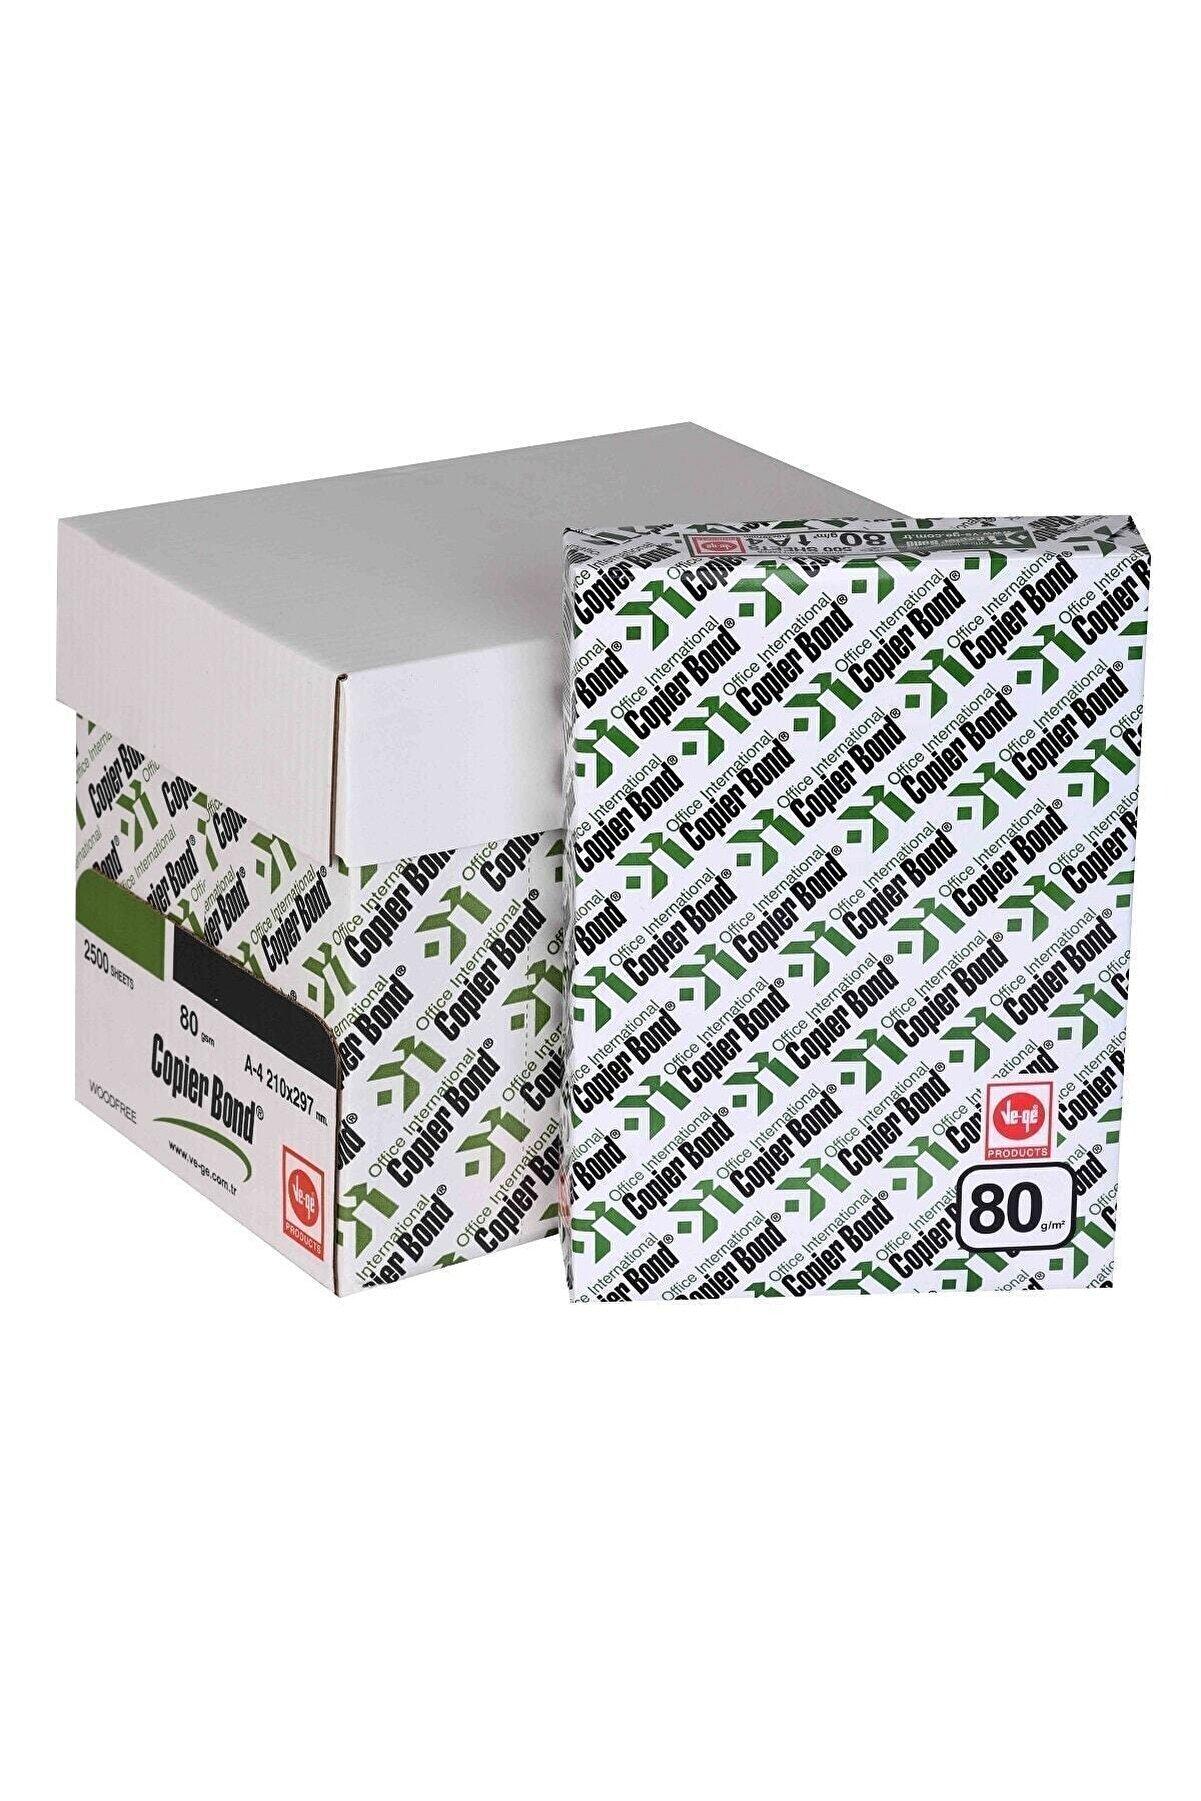 Copierbond Copier Bond A4 Fotokopi Kağıdı 80g 5 Li Paket Her Pakette 500 Adet (KOLİ)